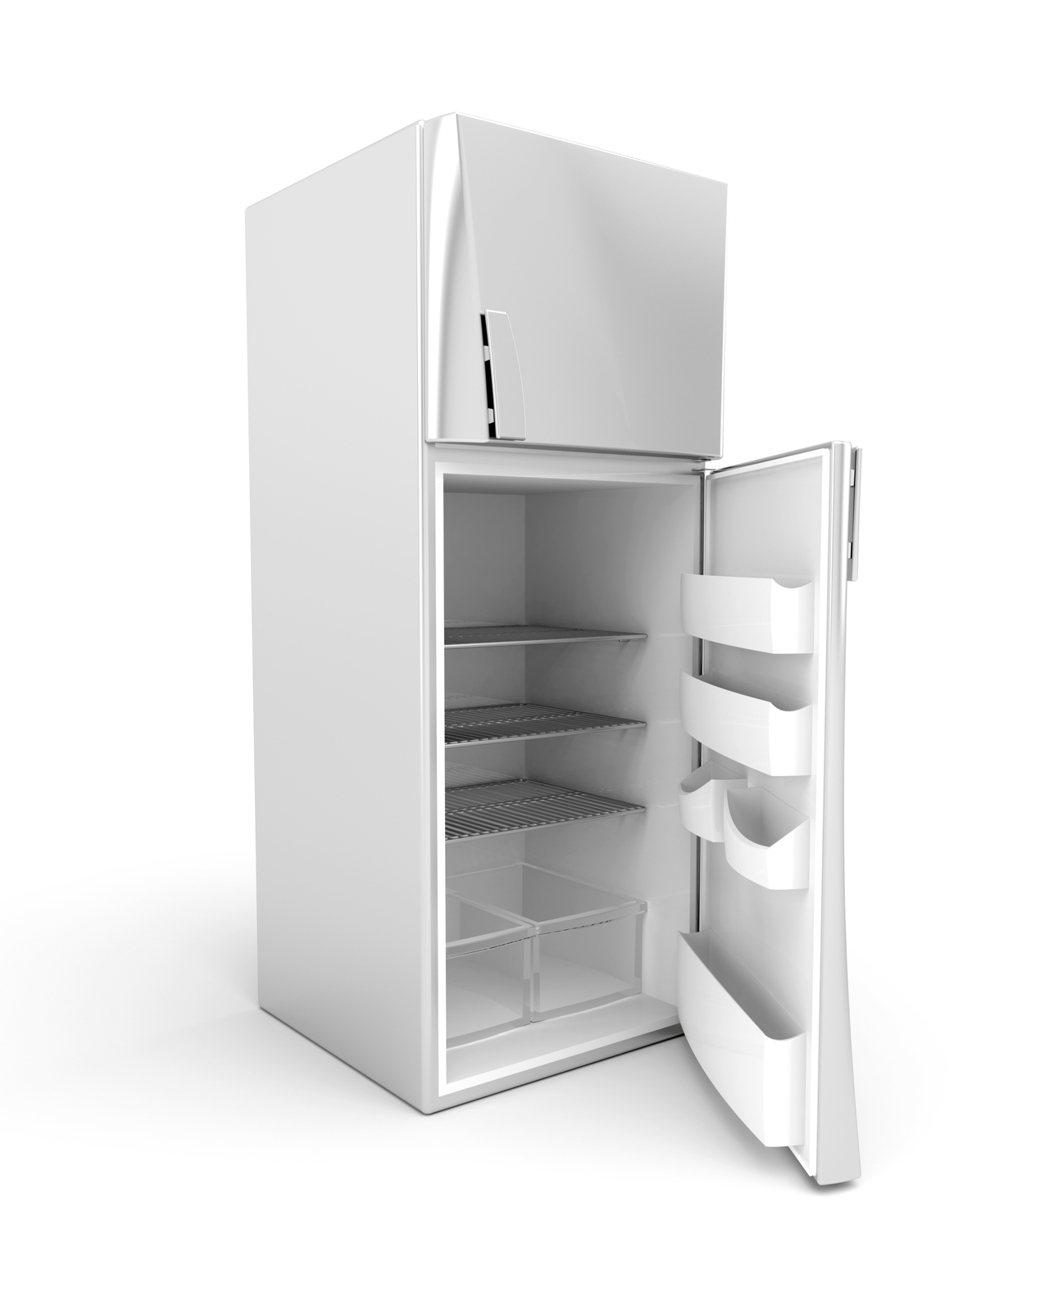 冰箱款式多樣,若不慎選可能後悔莫及。圖片來源/ingimage